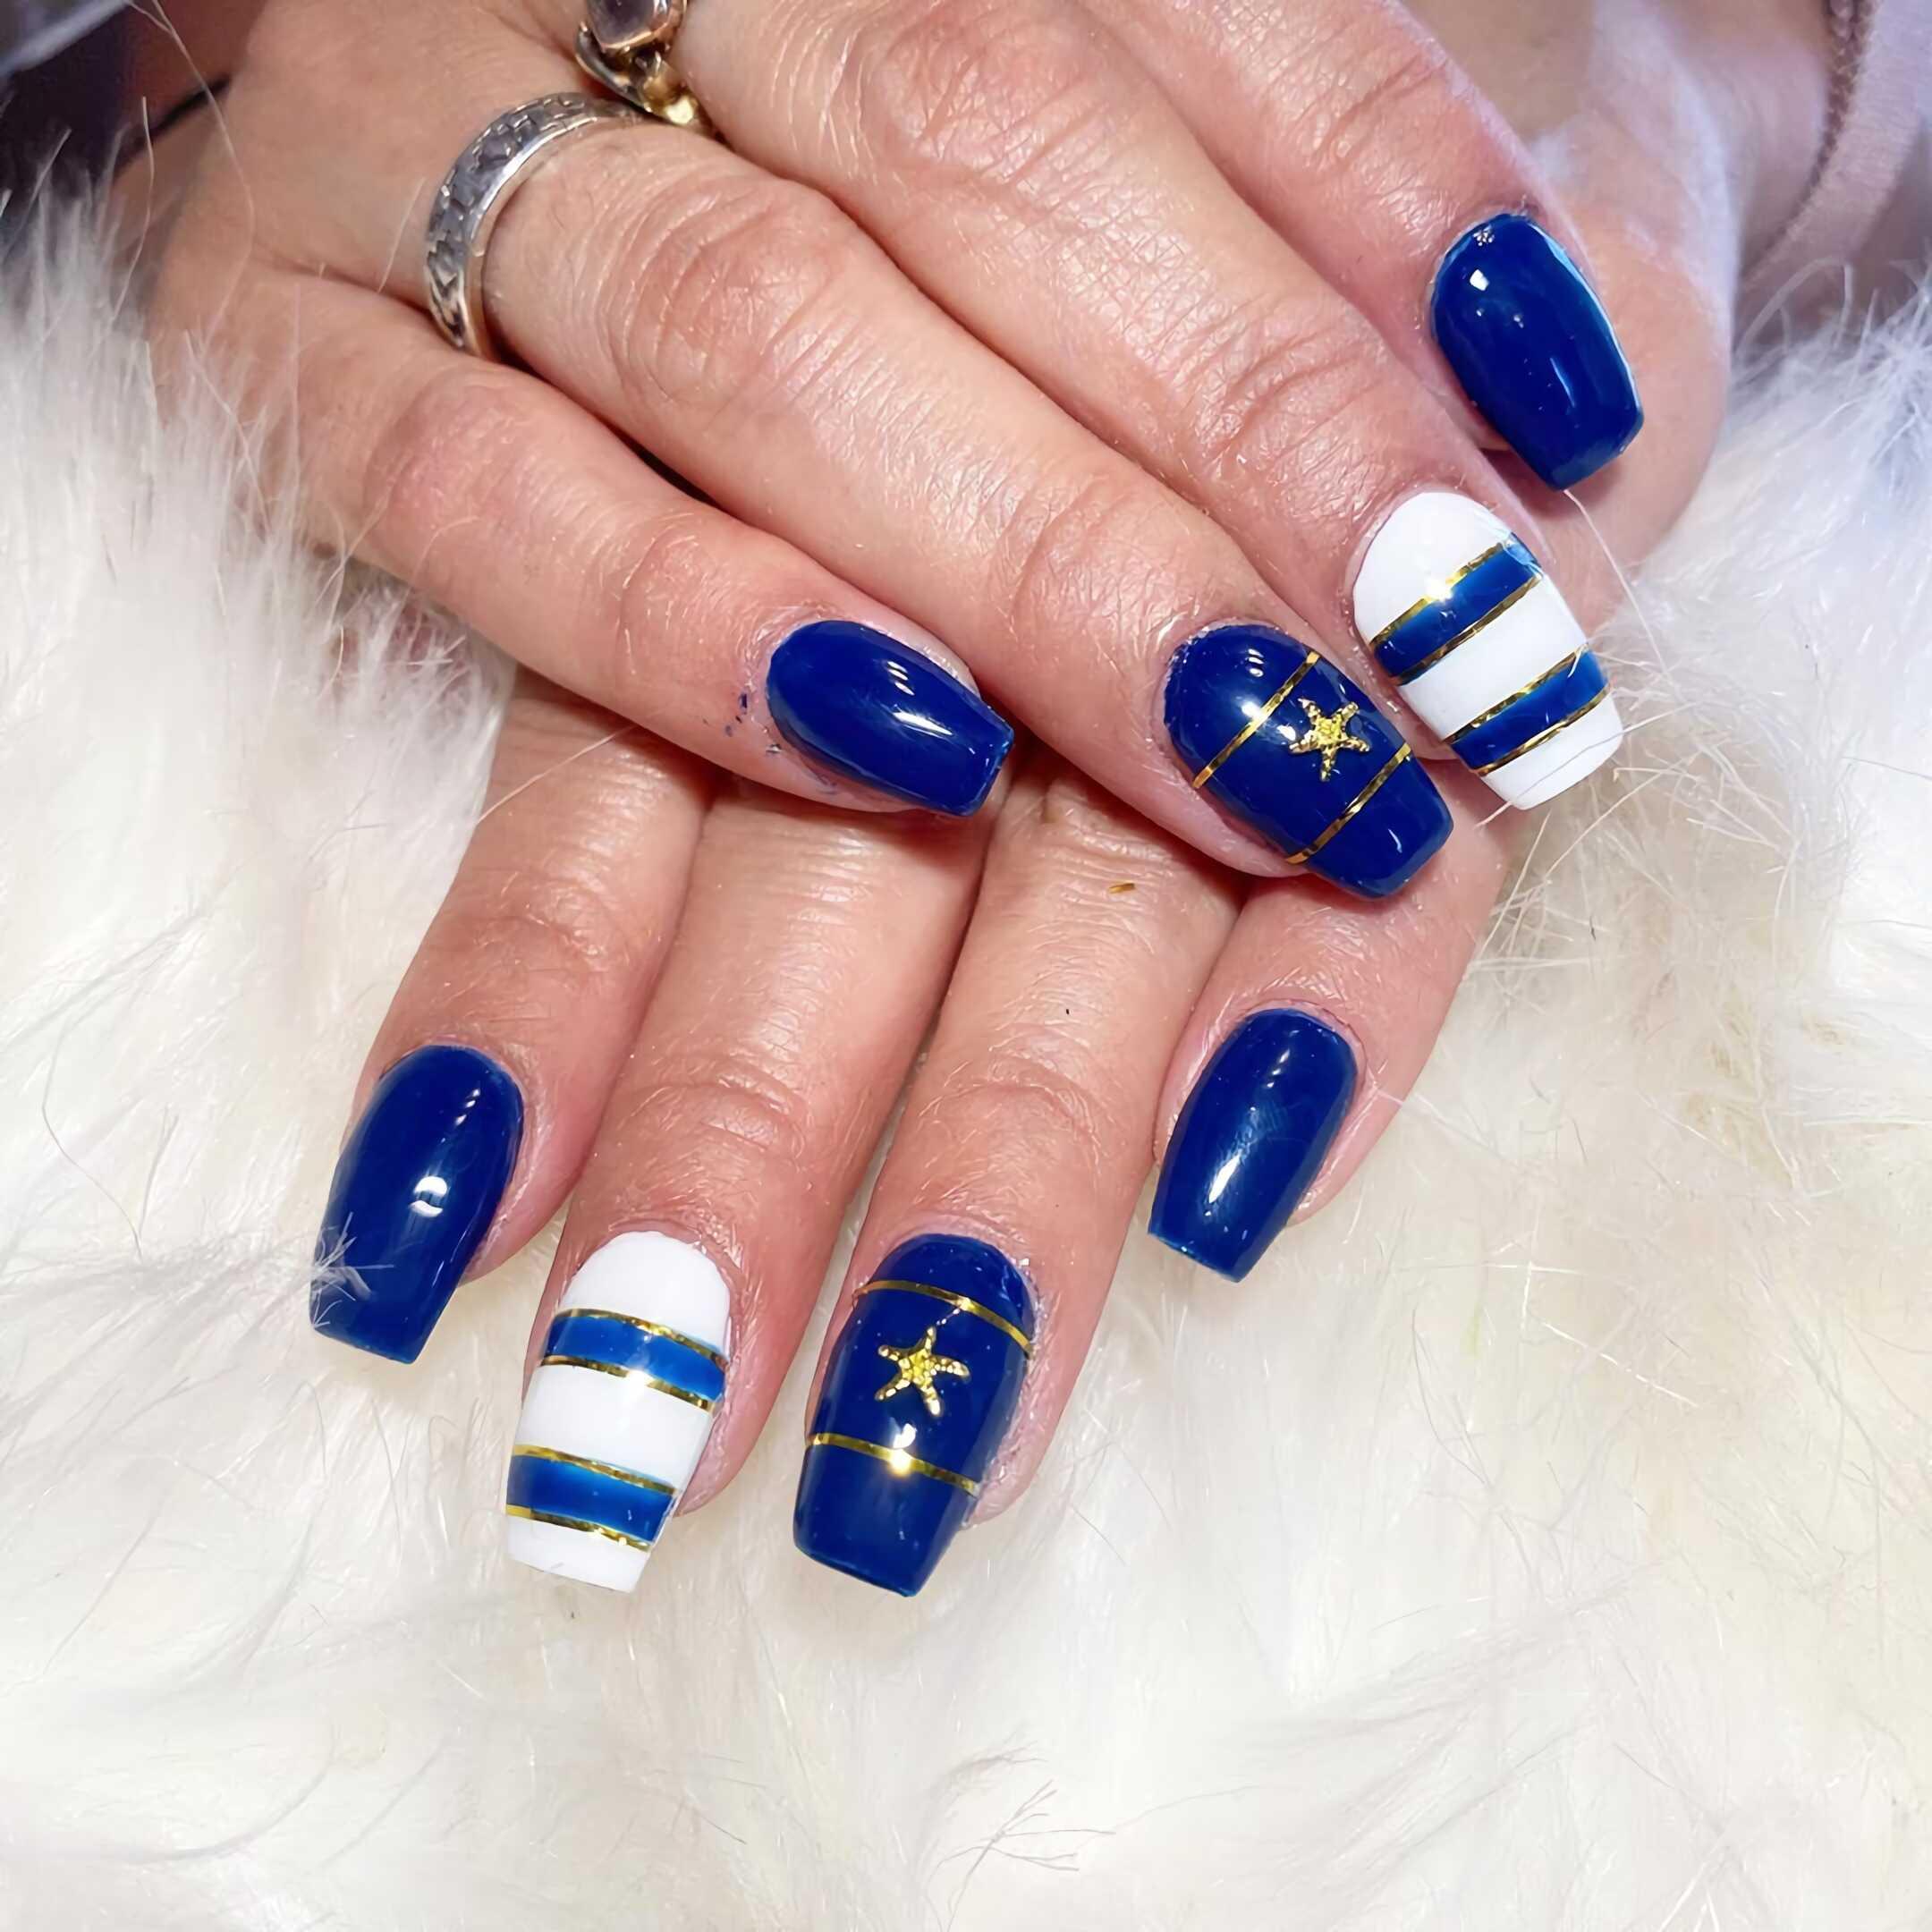 голубые и белые ногти квадратной формы